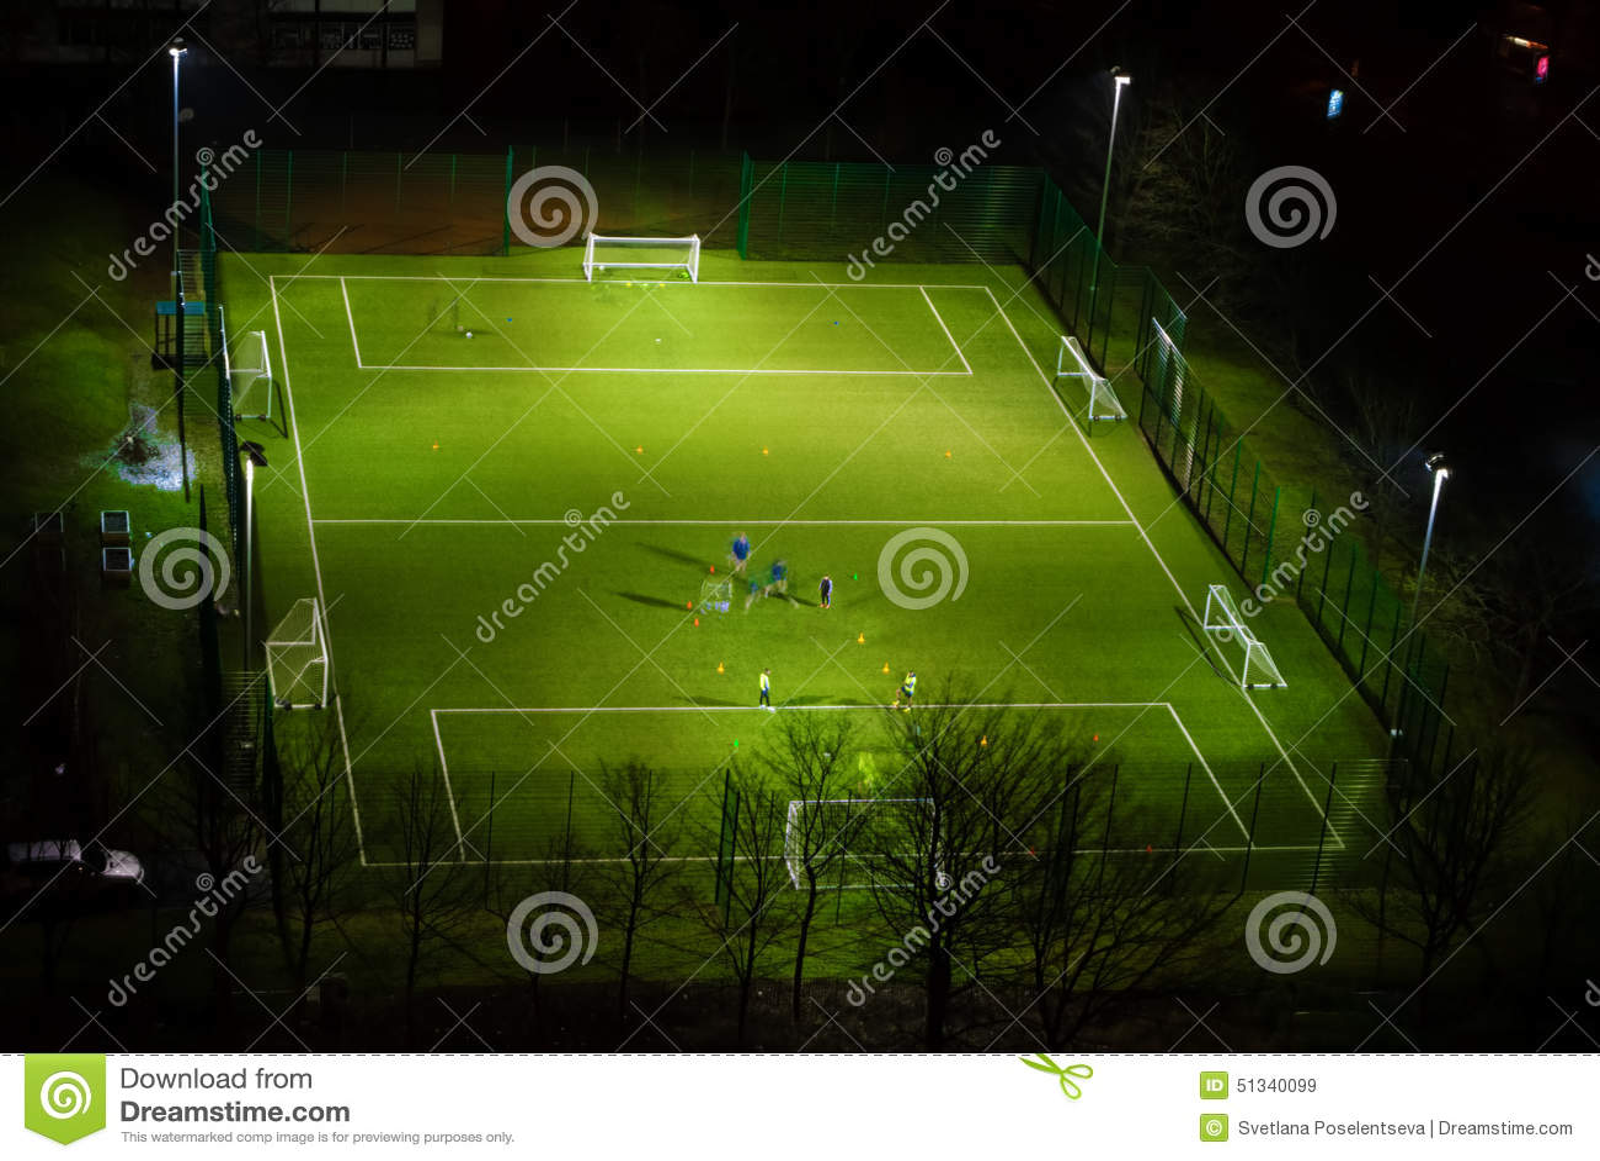 Jugar A Futbol En La Noche Imagen De Archivo Imagen De Goalposts